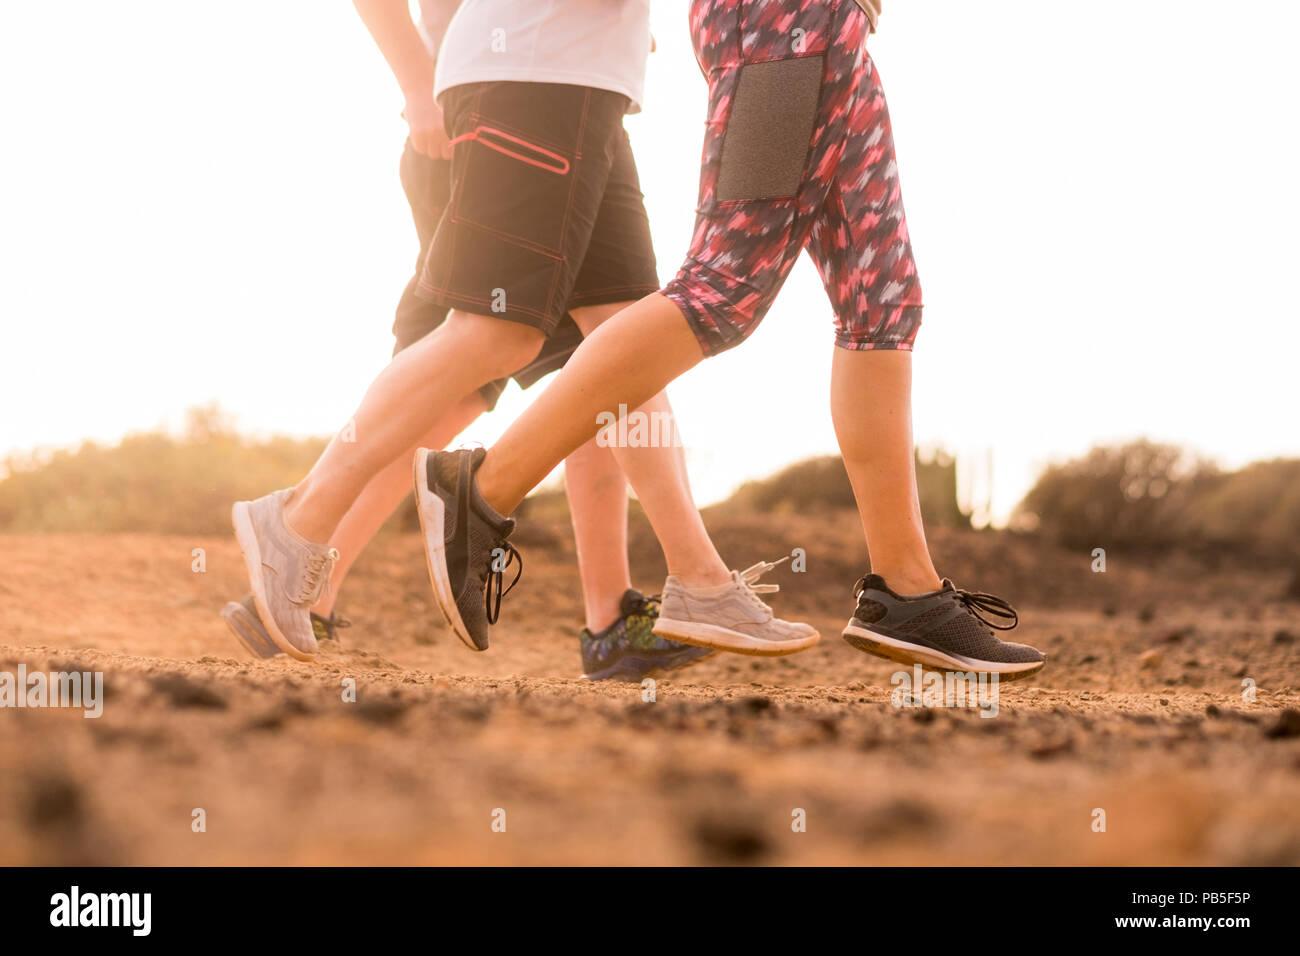 Groupe de trois caucasian runner doing jogging sur le sol du désert de l'activité en plein air dans la nature. Sport et mode de vie sain pour les gens de l'été soleil météo. Photo Stock